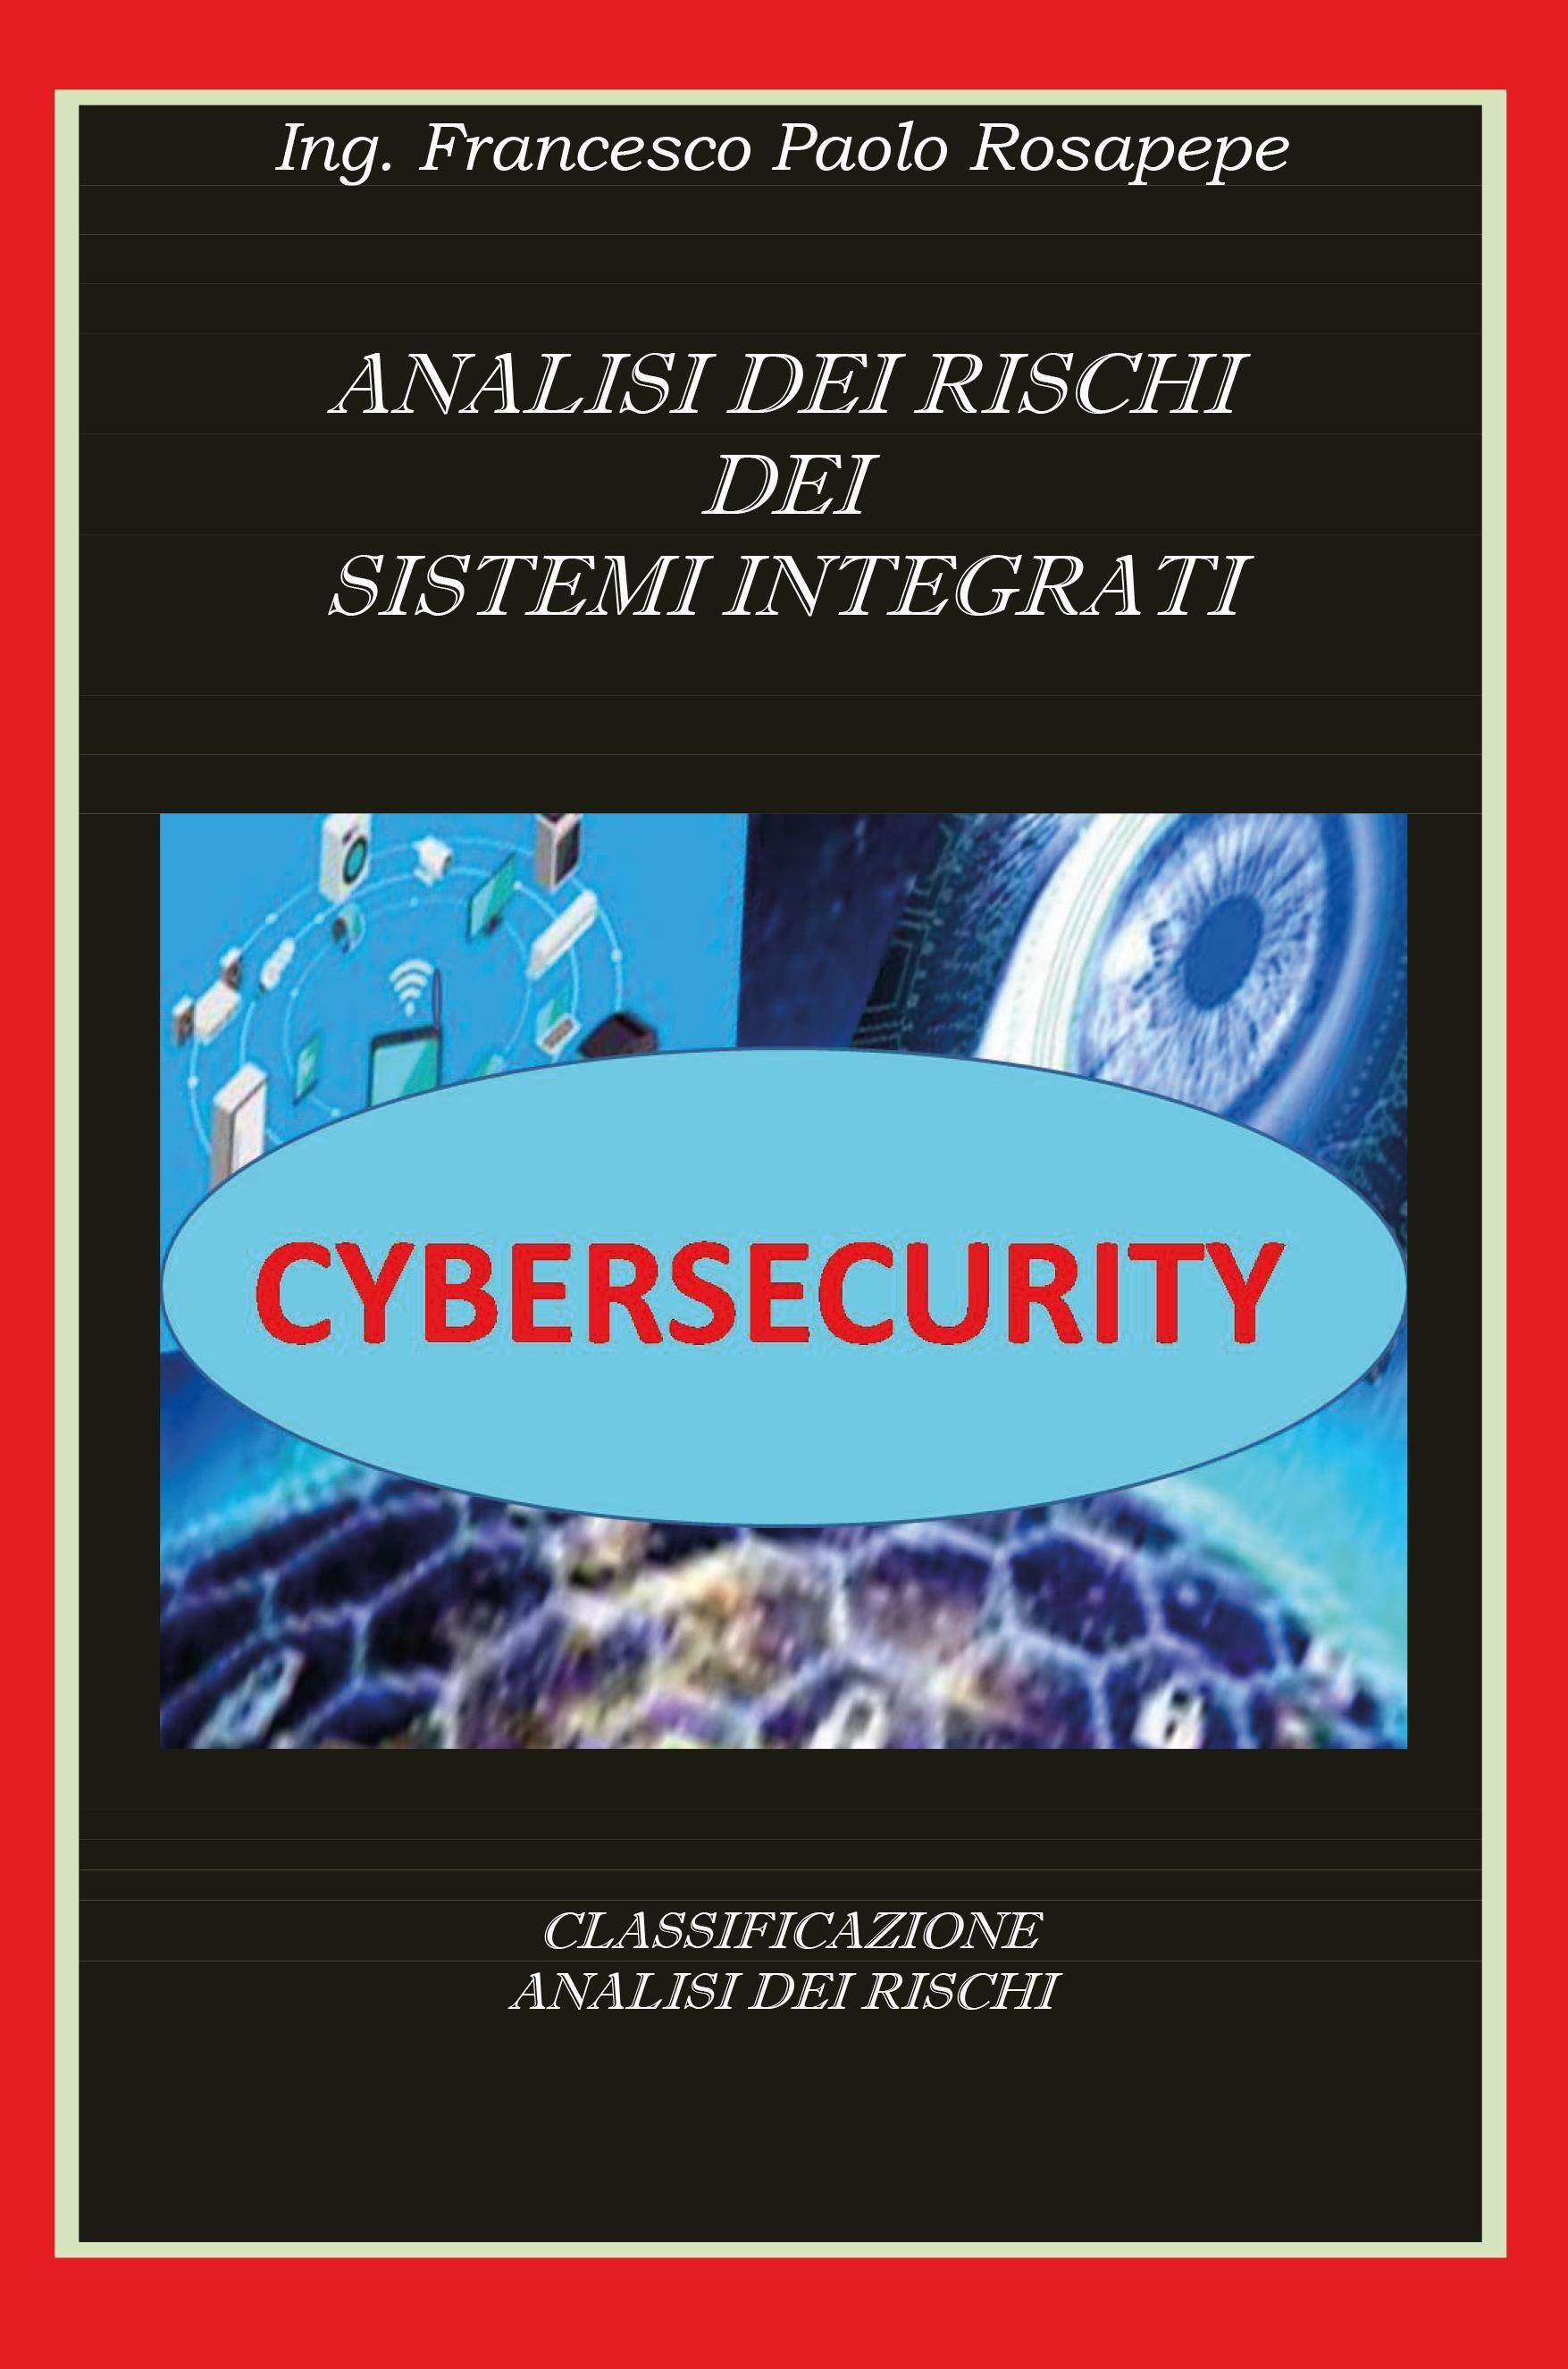 Analisi dei rischi dei sistemi integrati